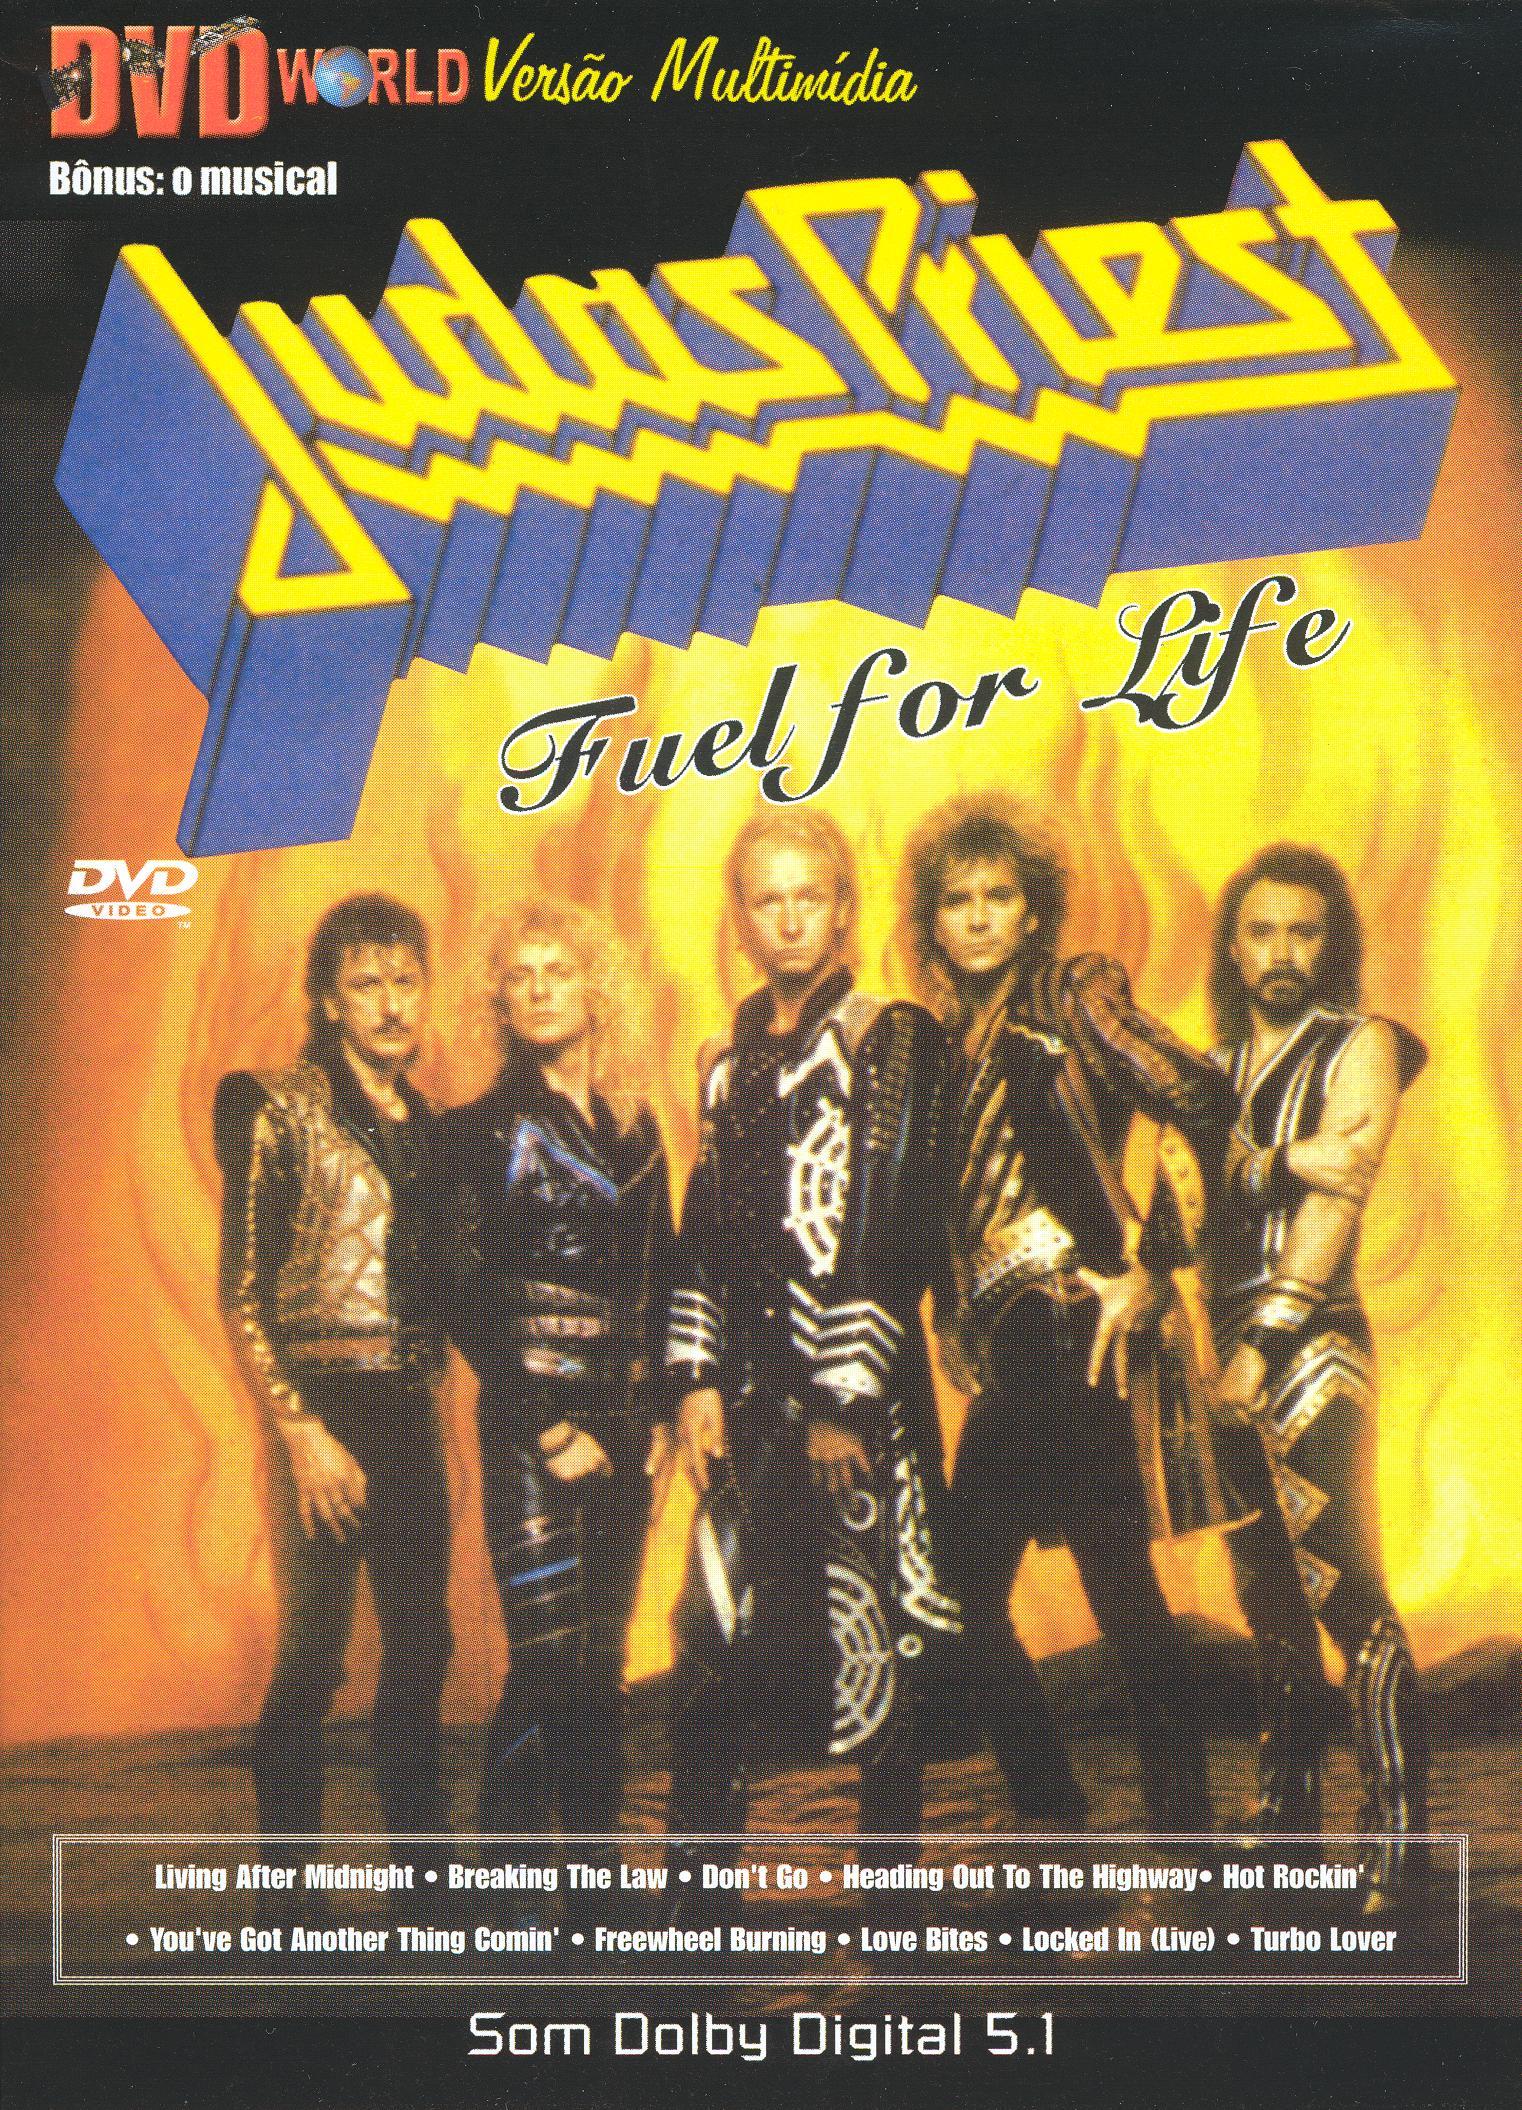 Judas Priest: Fuel for Life